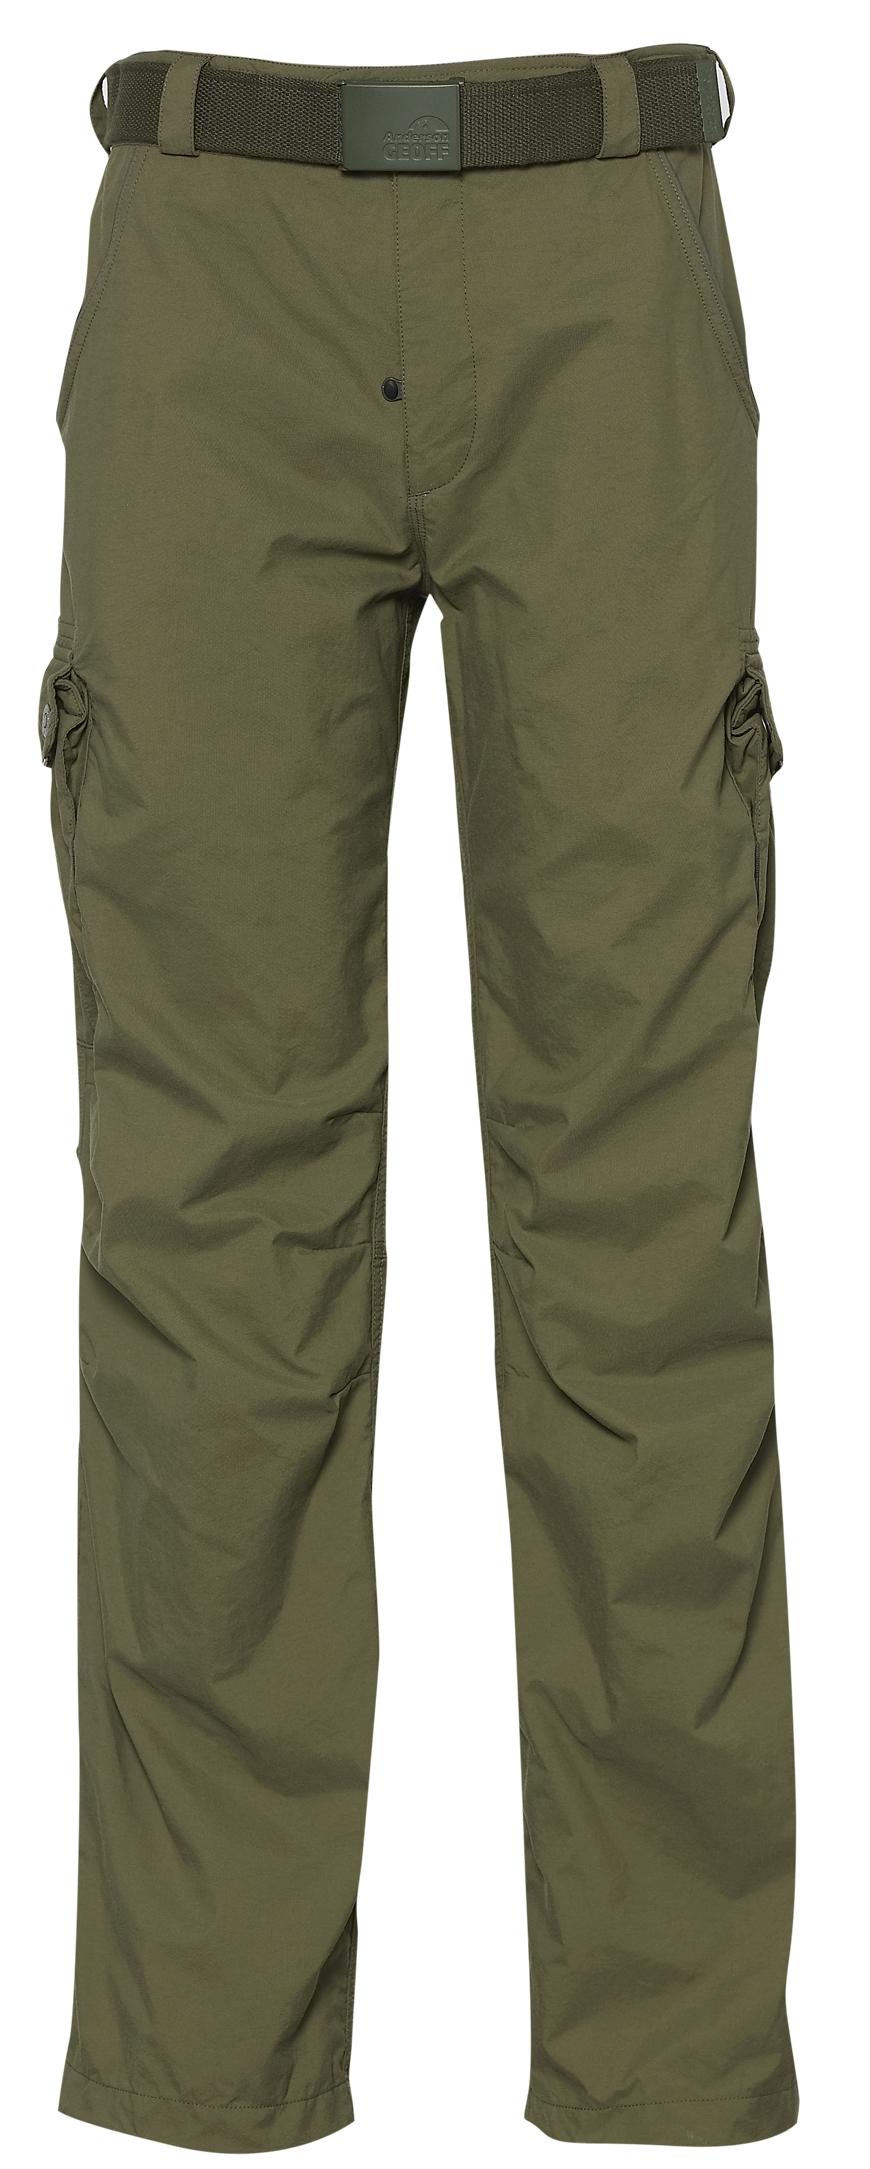 N/A Geoff anderson klix bukser fra fiskegrej.dk